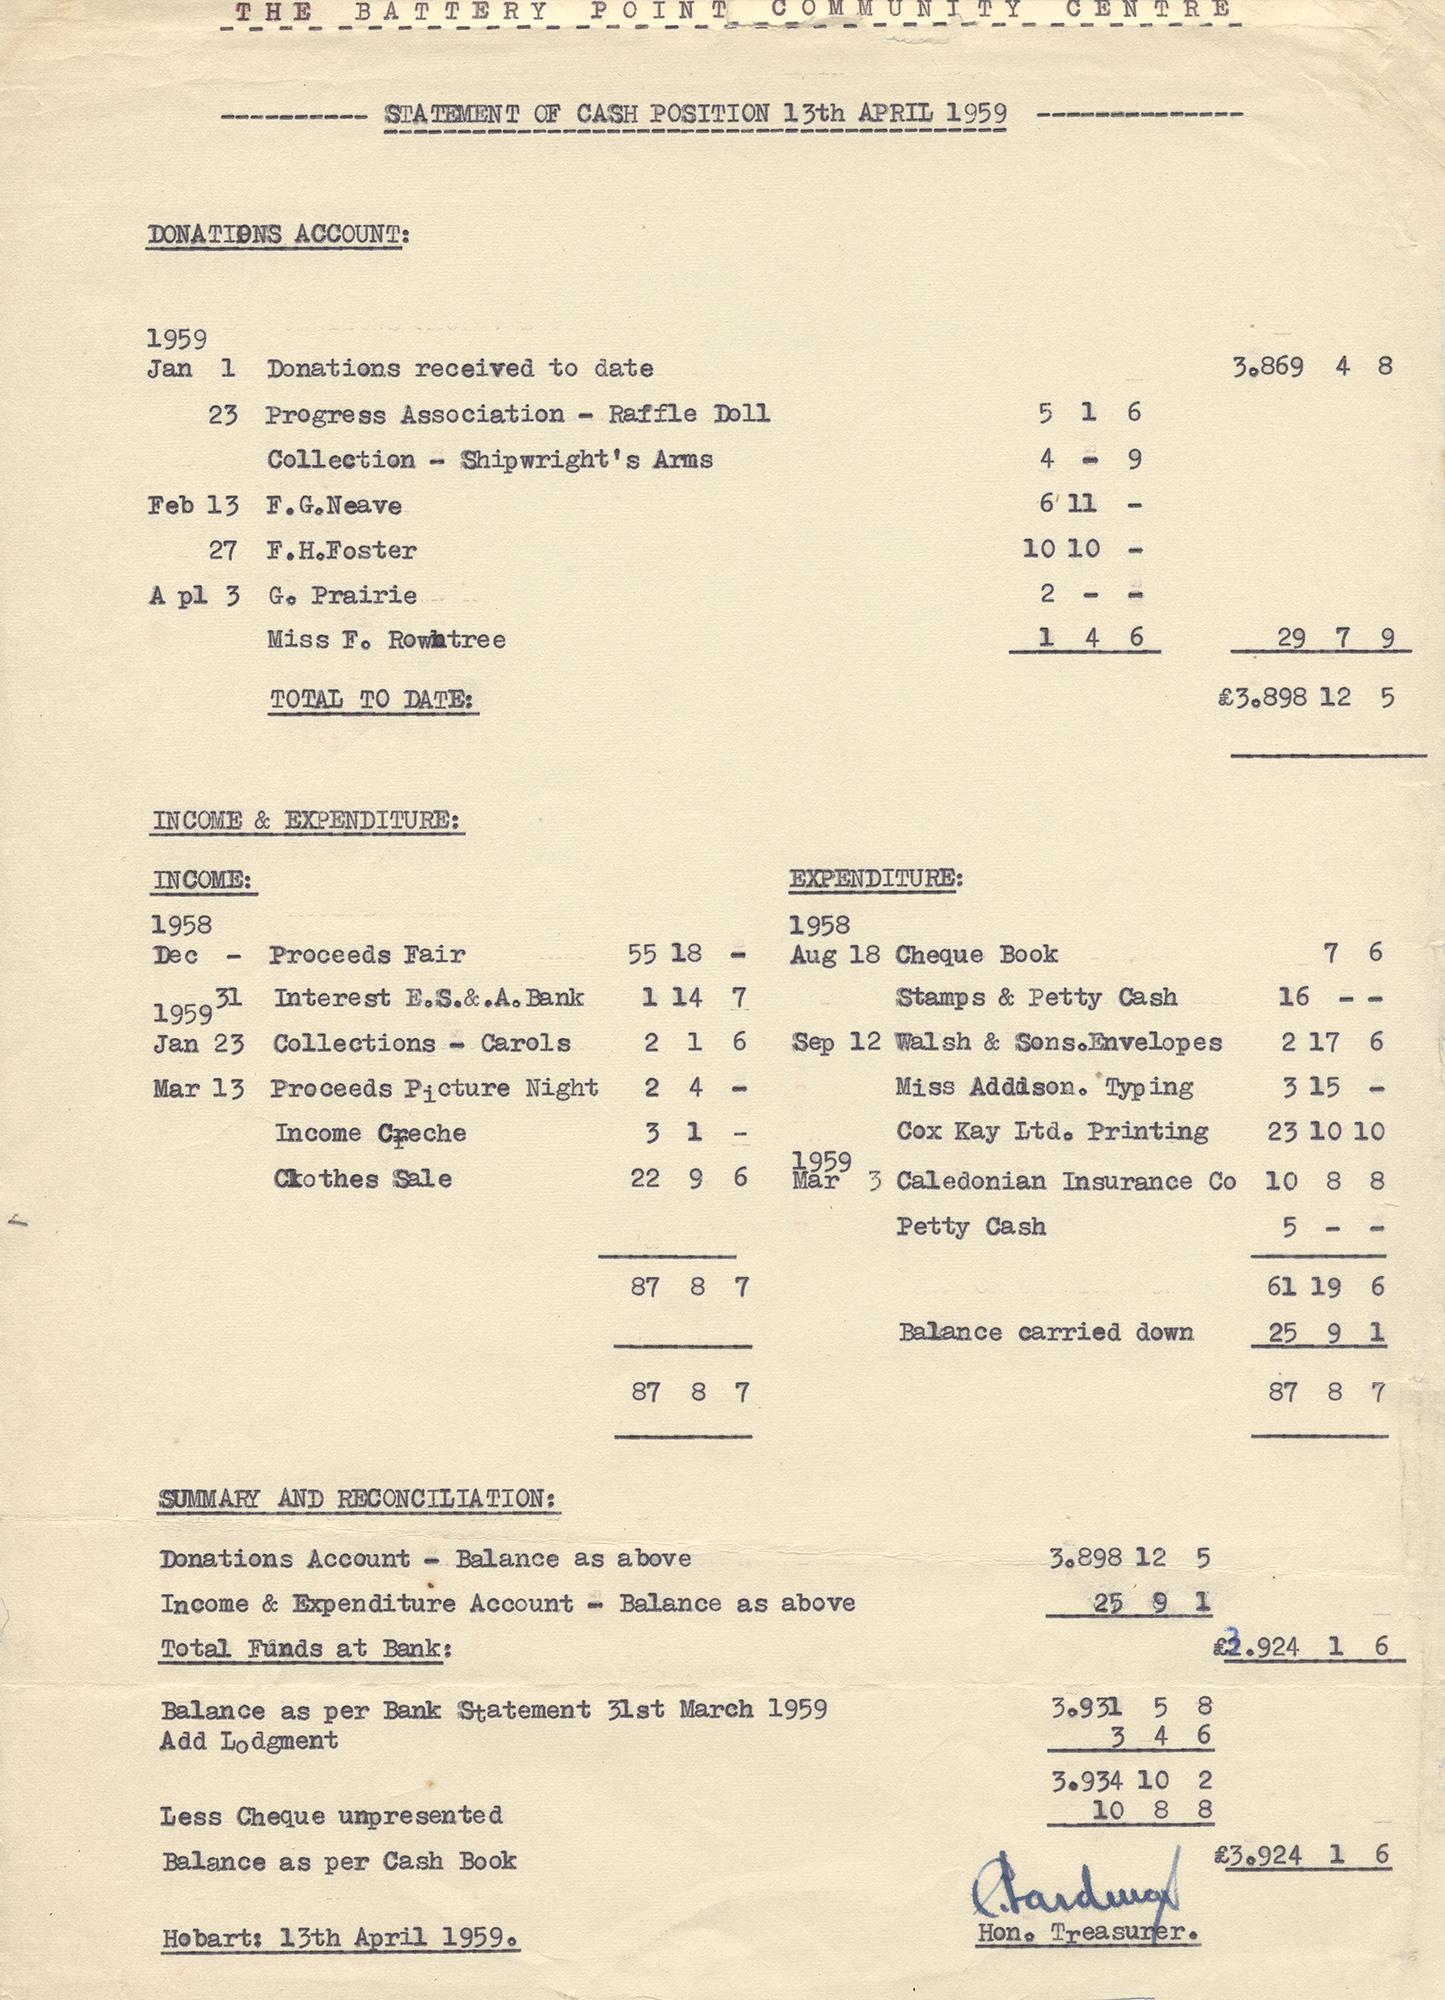 Cash Position April 1959